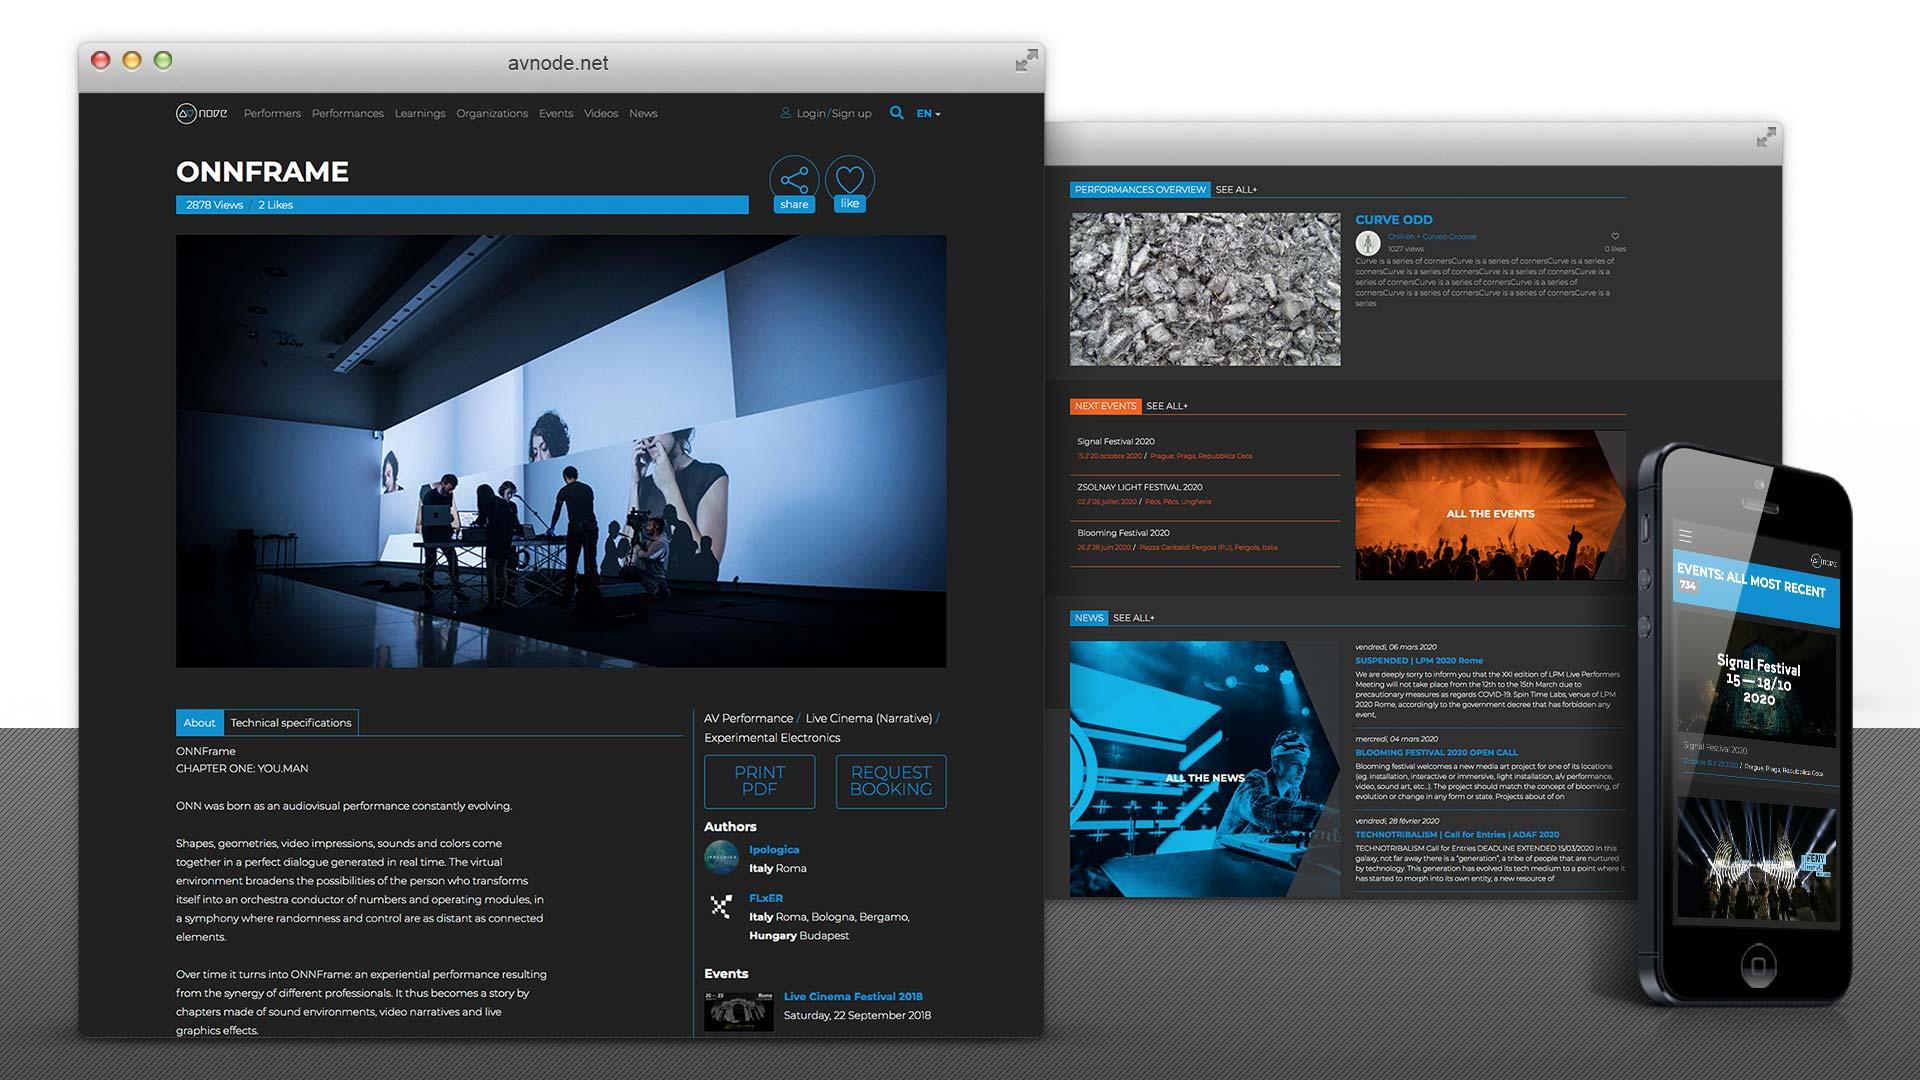 AVnode.net Phase 3